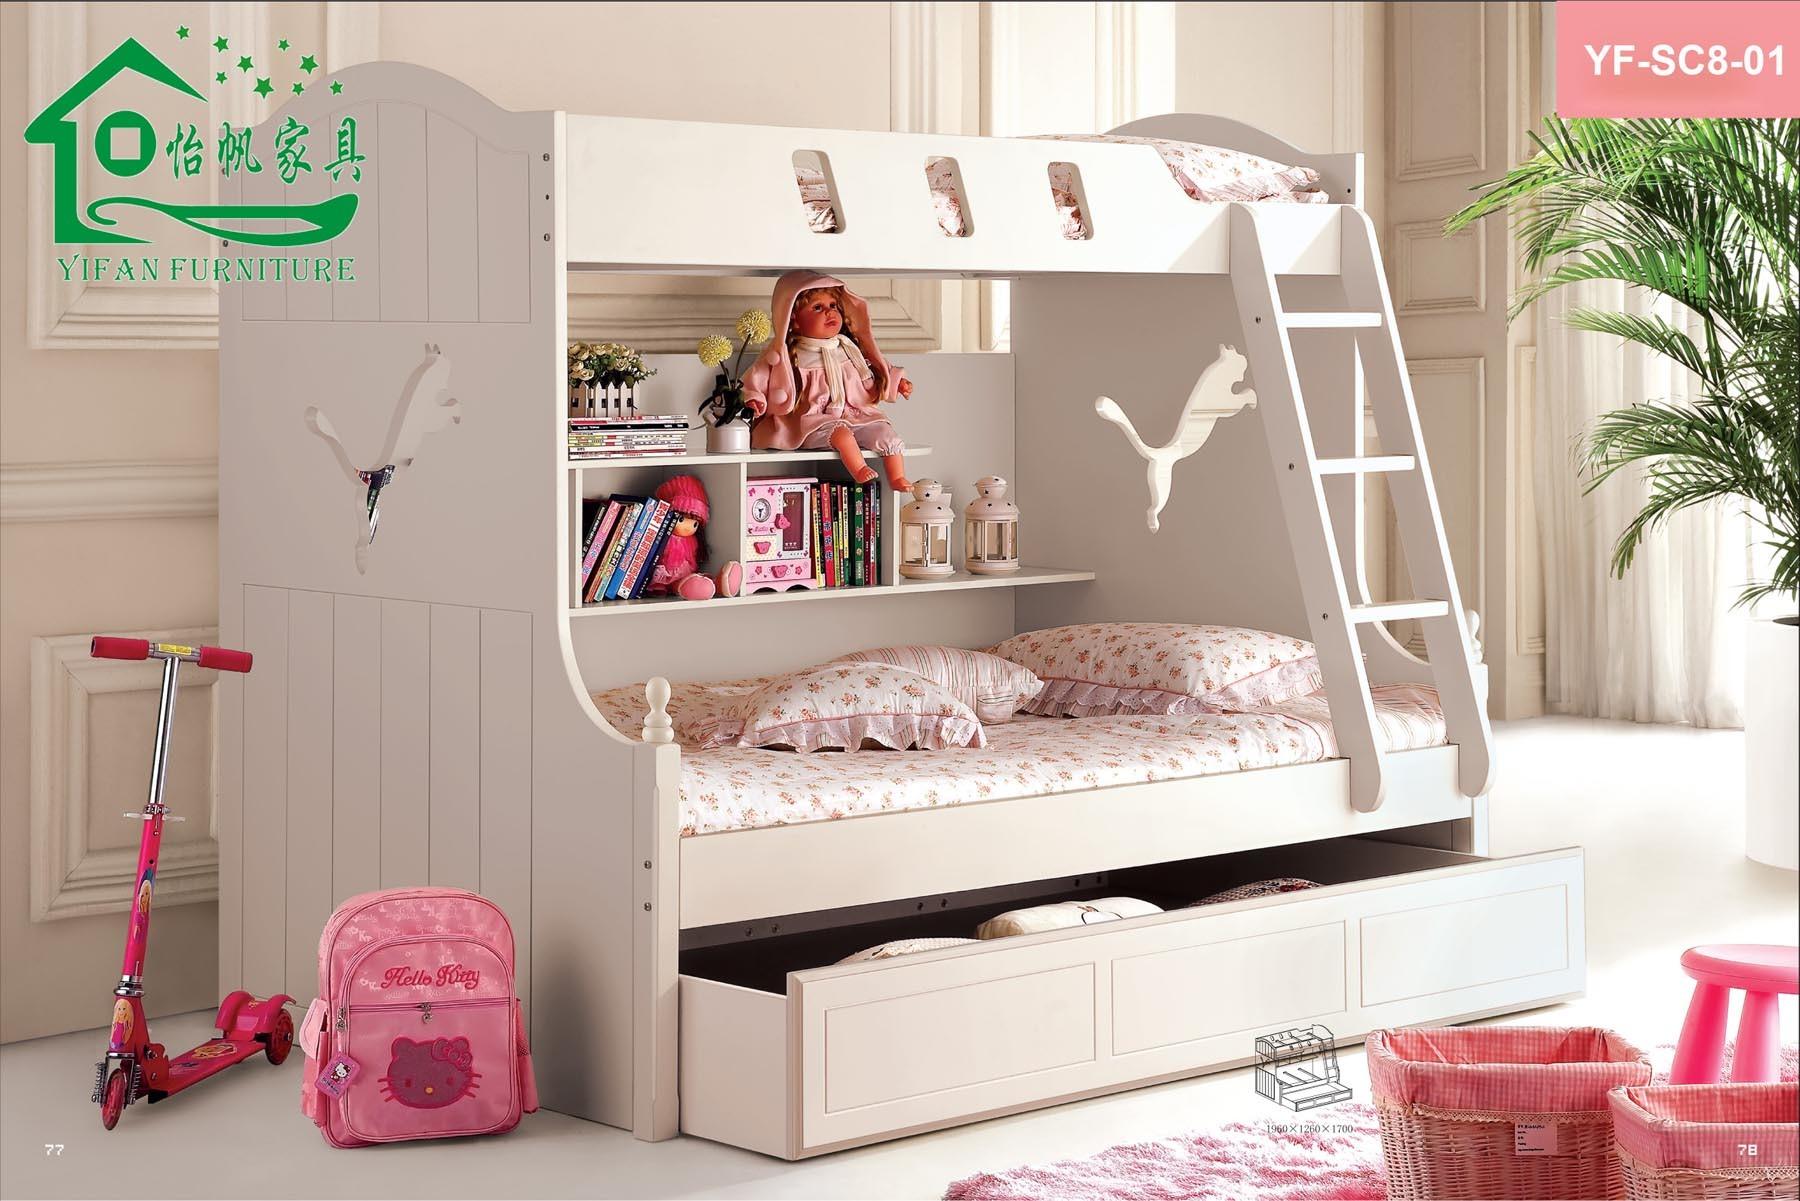 Chombre A Coucher Denfant En Bois : Doubles meubles fonctionnels en bois de chambre à coucher